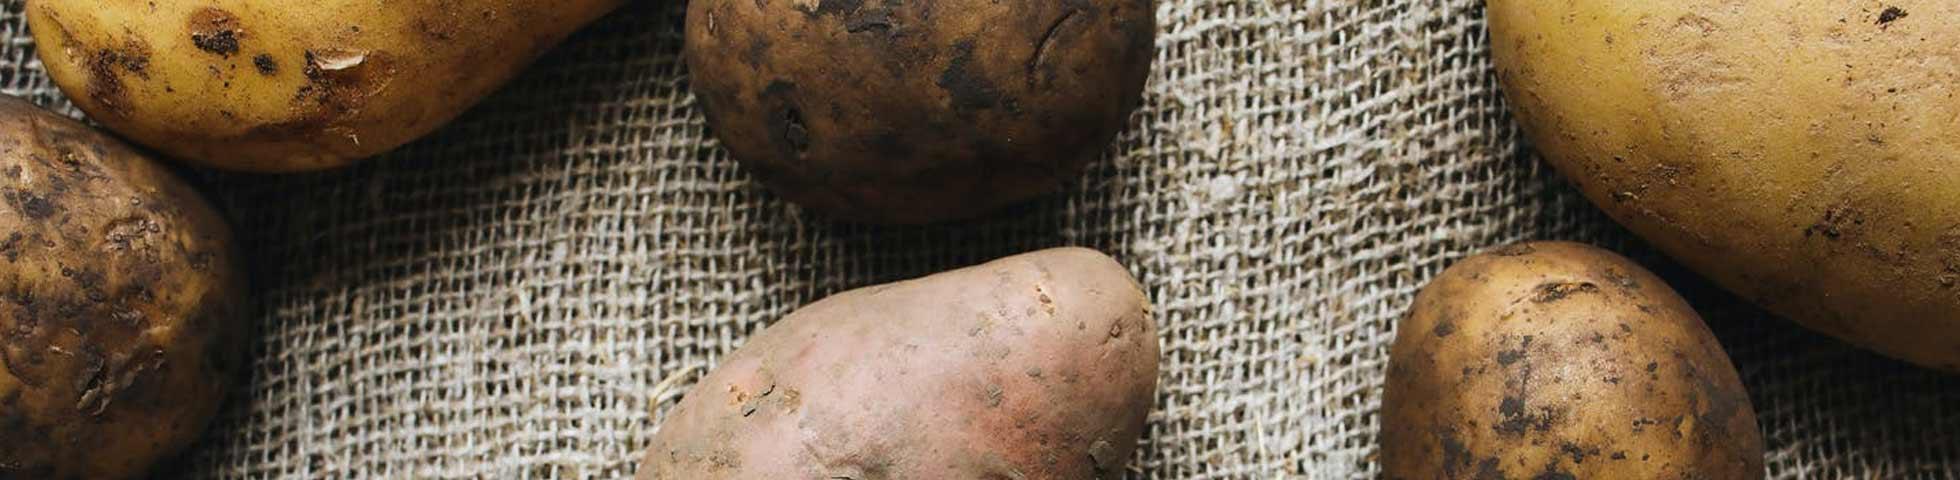 An image of potatos.